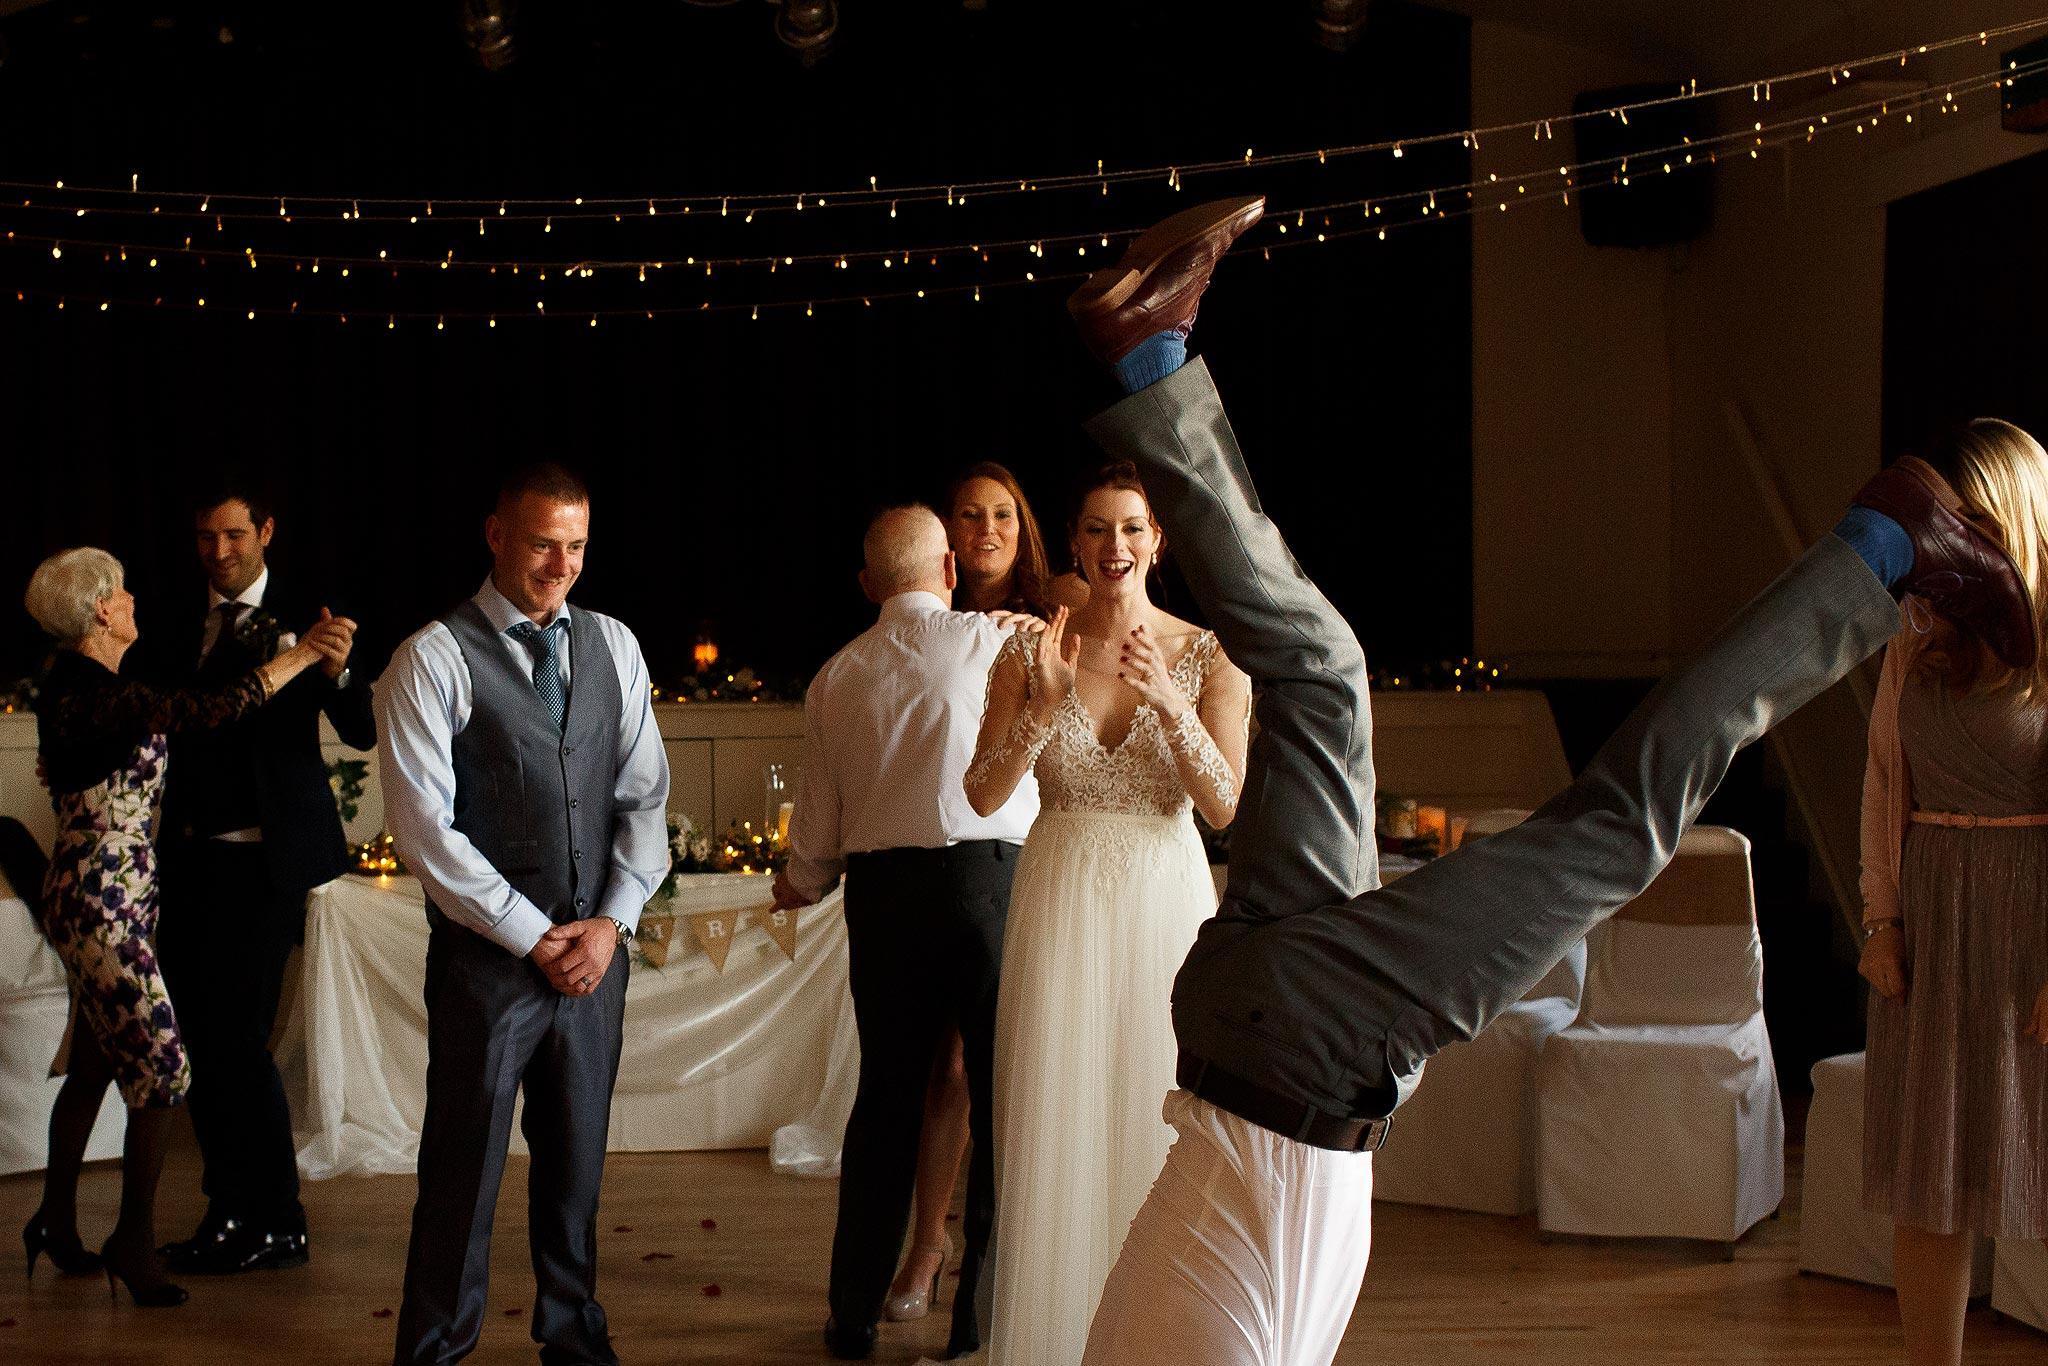 Wedding guests doing handstands on the dance floor at Downham Village Hall wedding